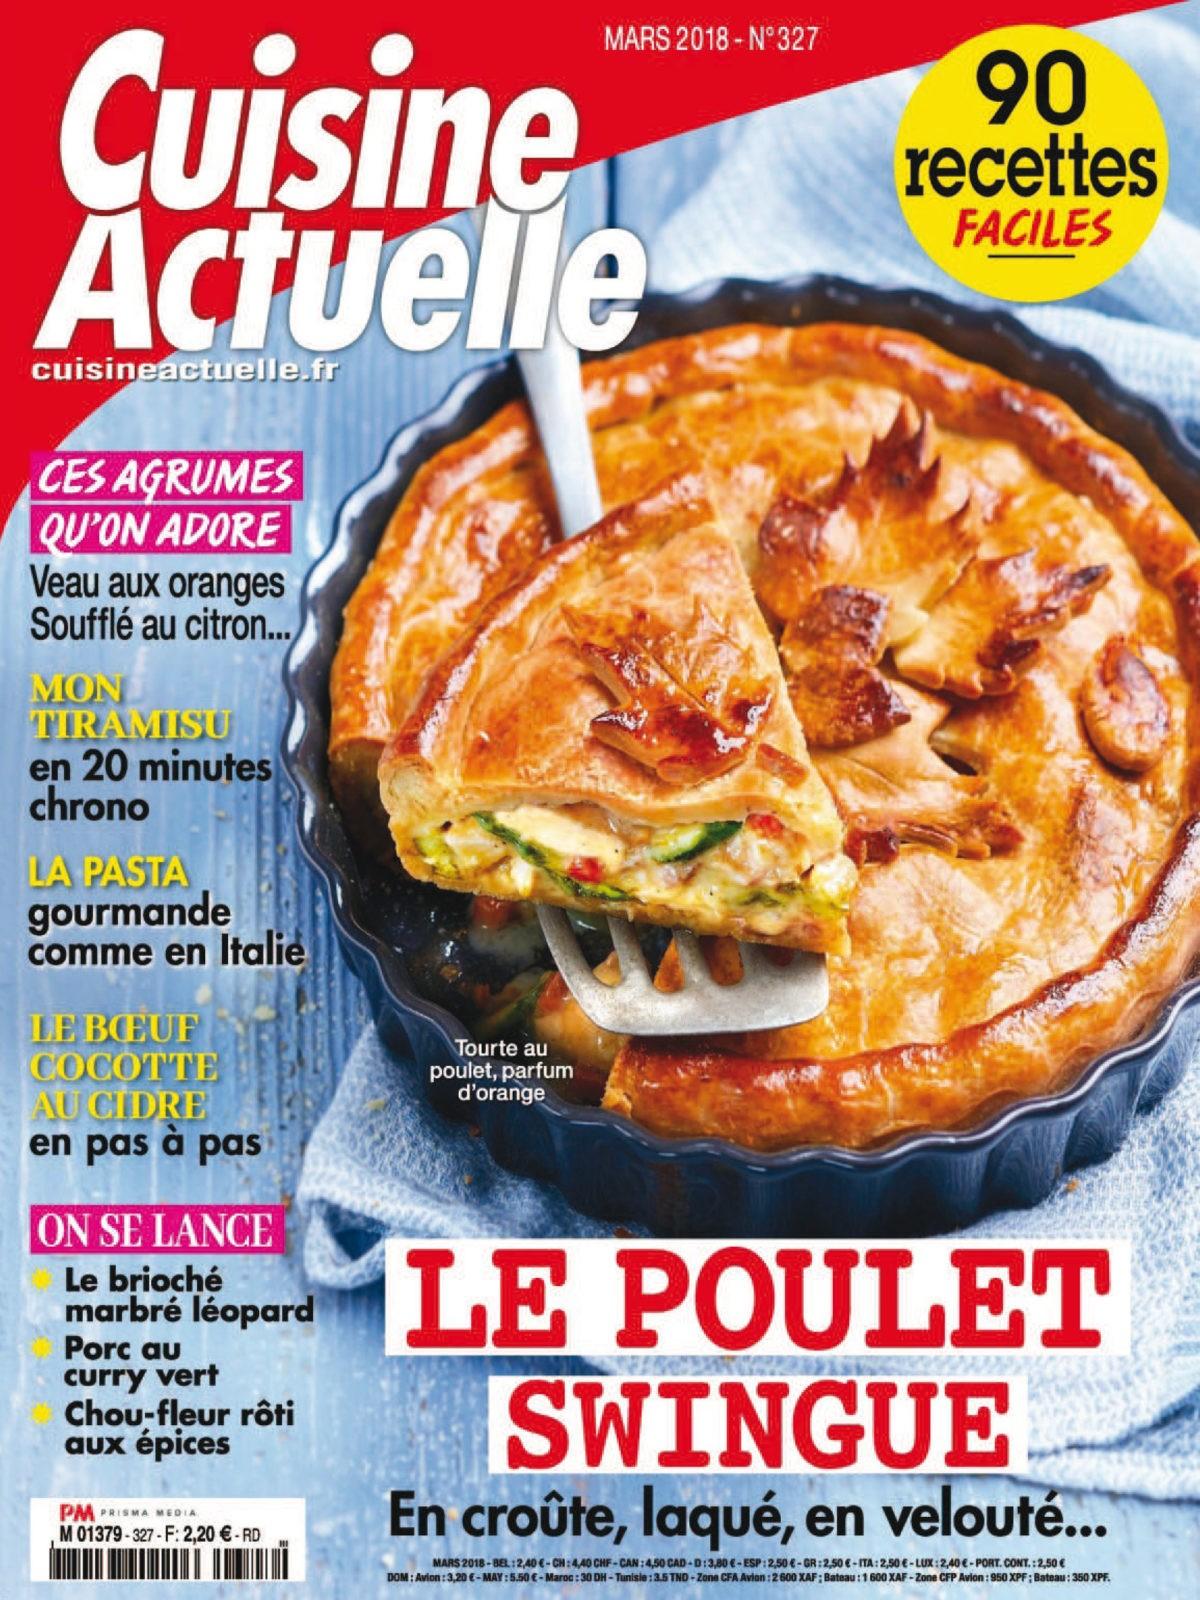 Cuisine Actuelle No. 327 - Mars 2018